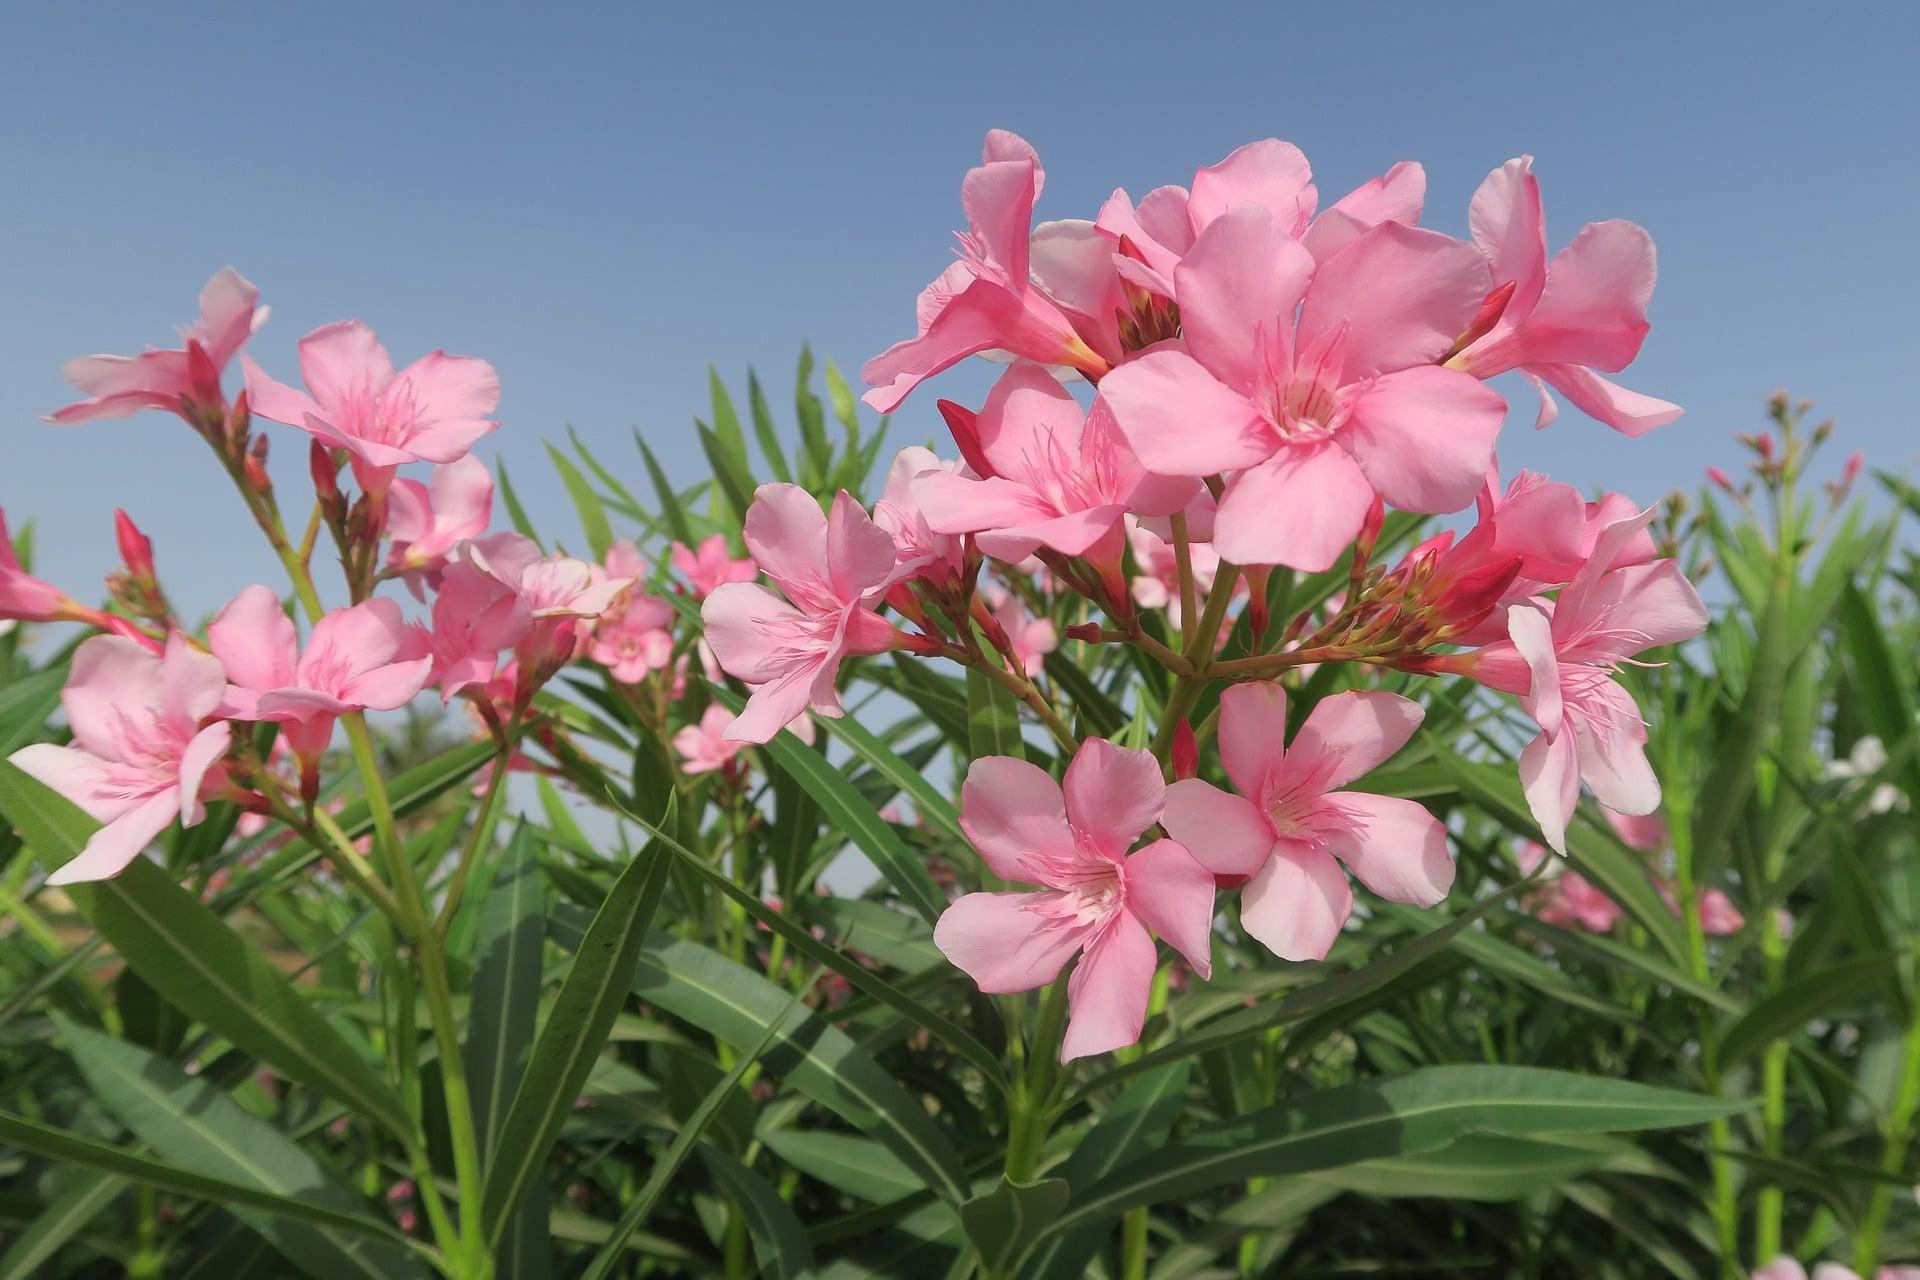 oleander flower pixabay